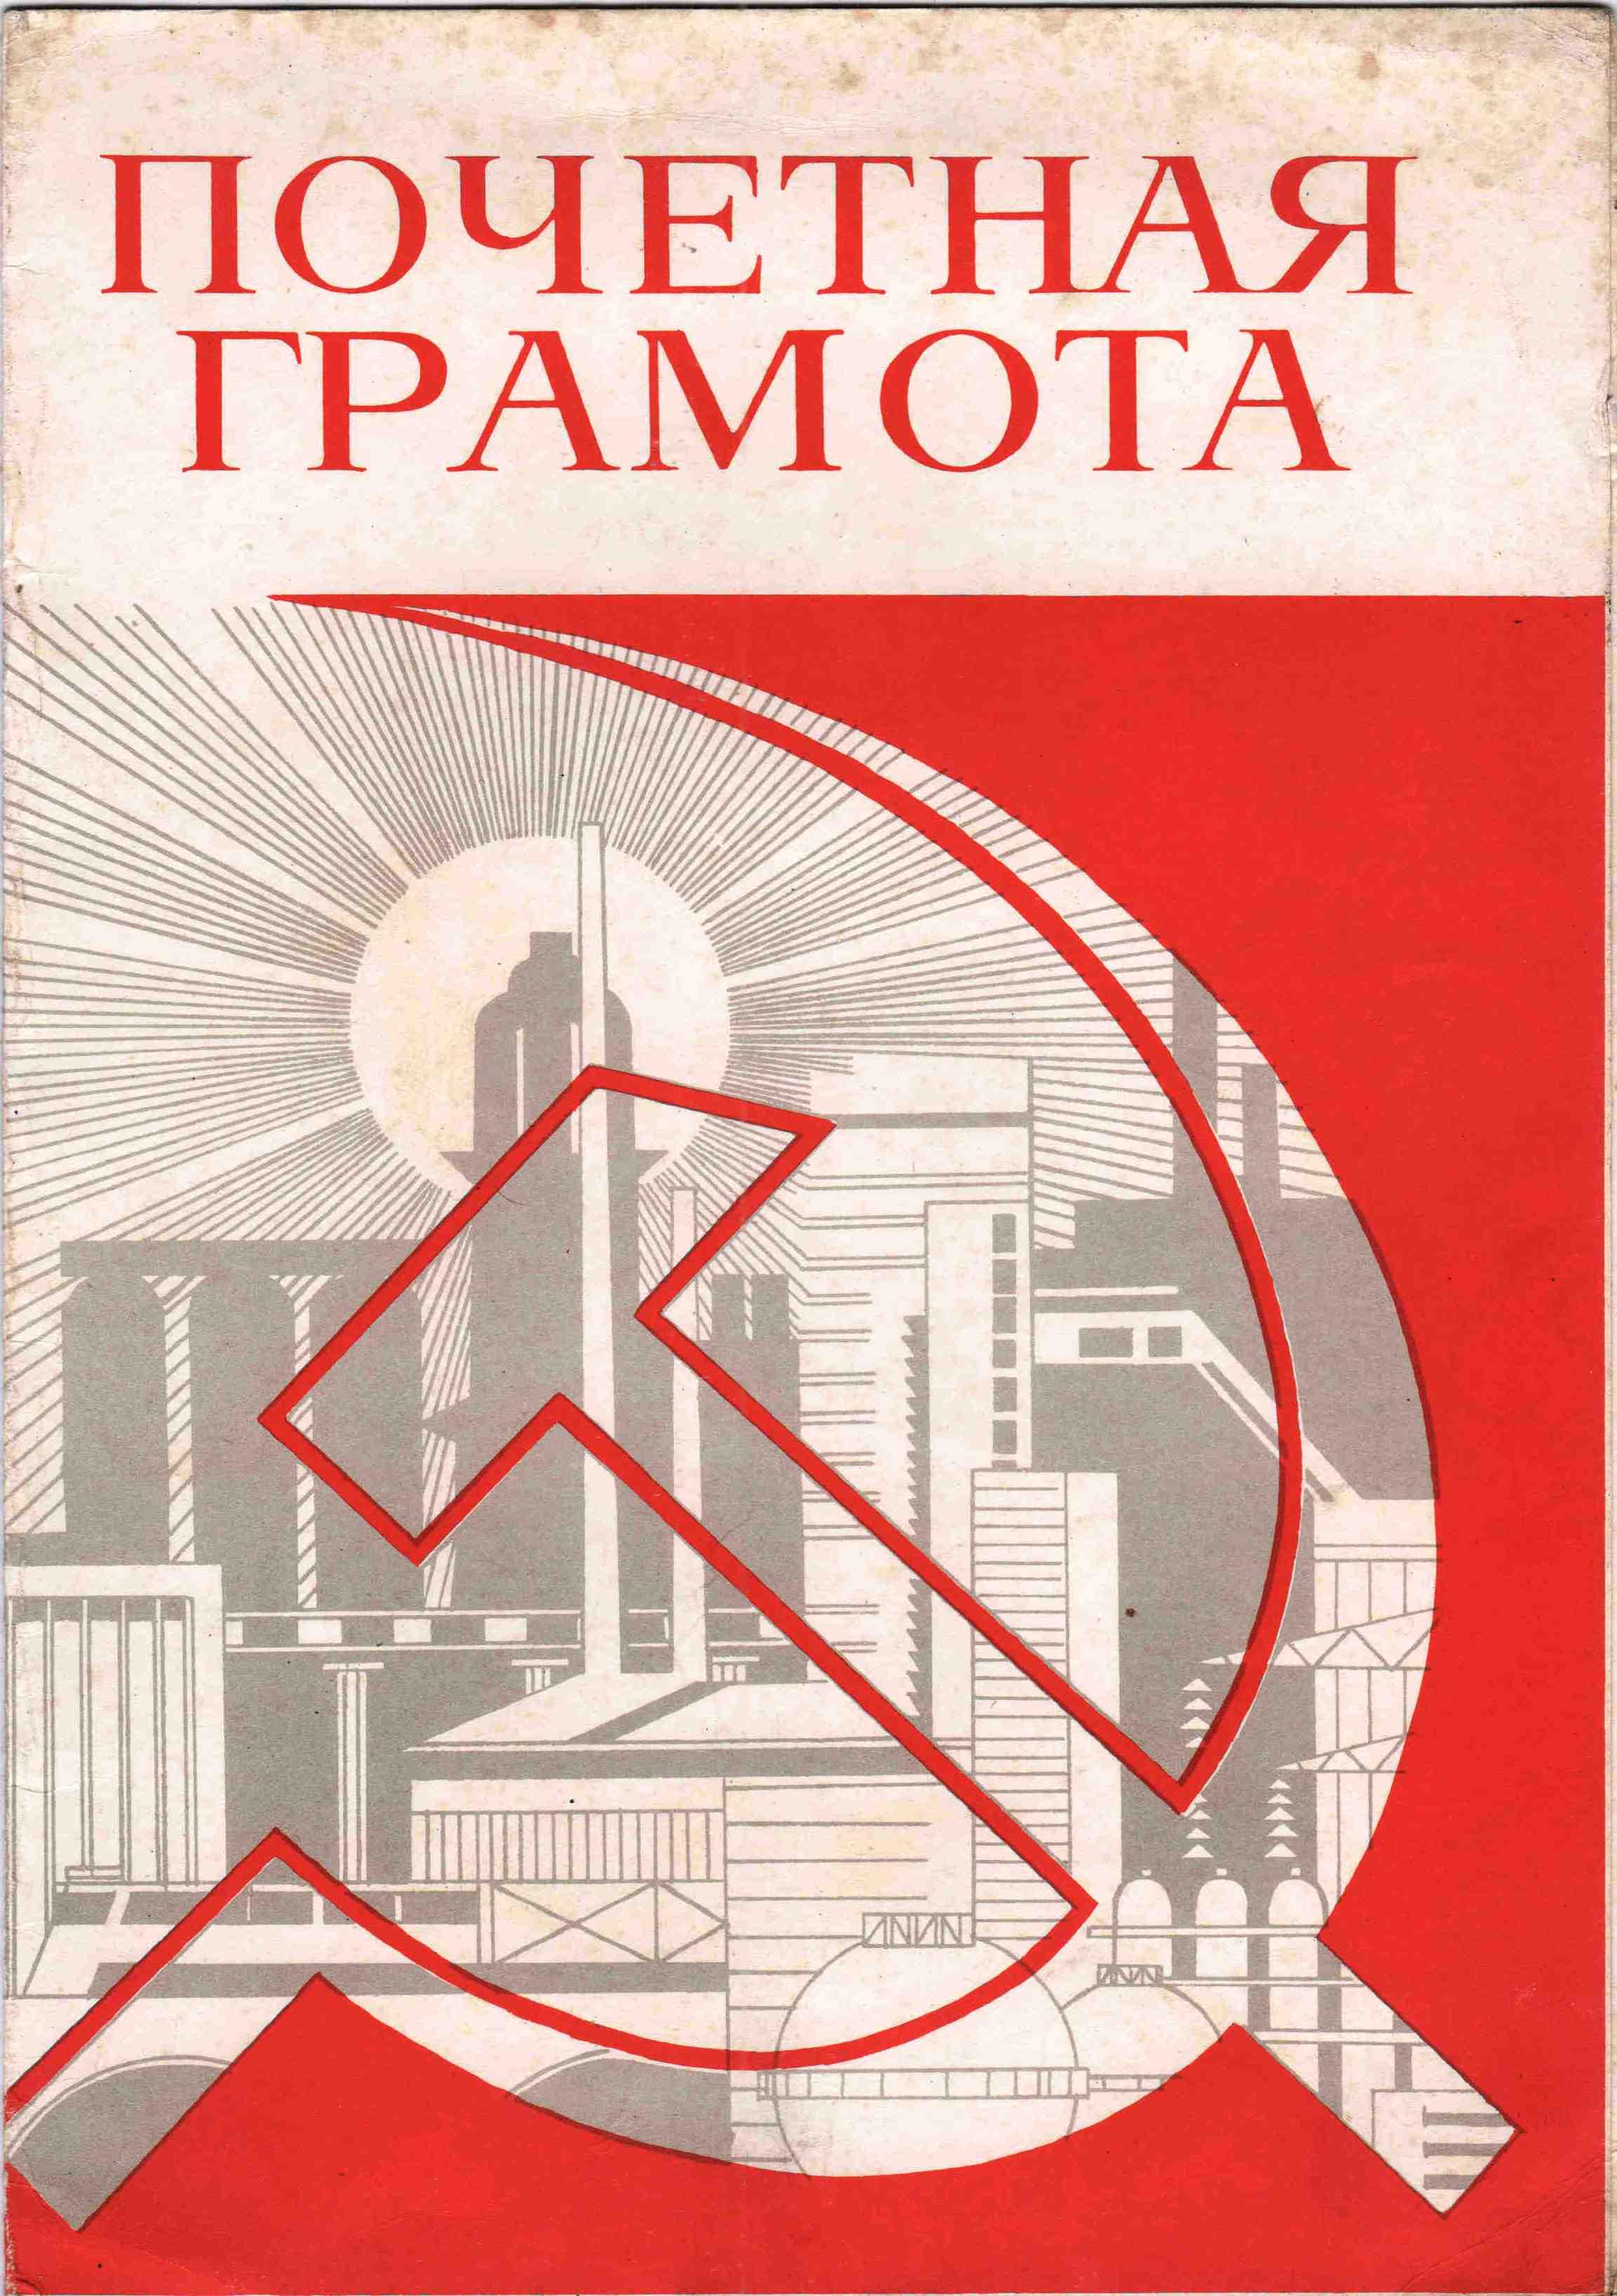 59. Почетная грамота, 1983 г.